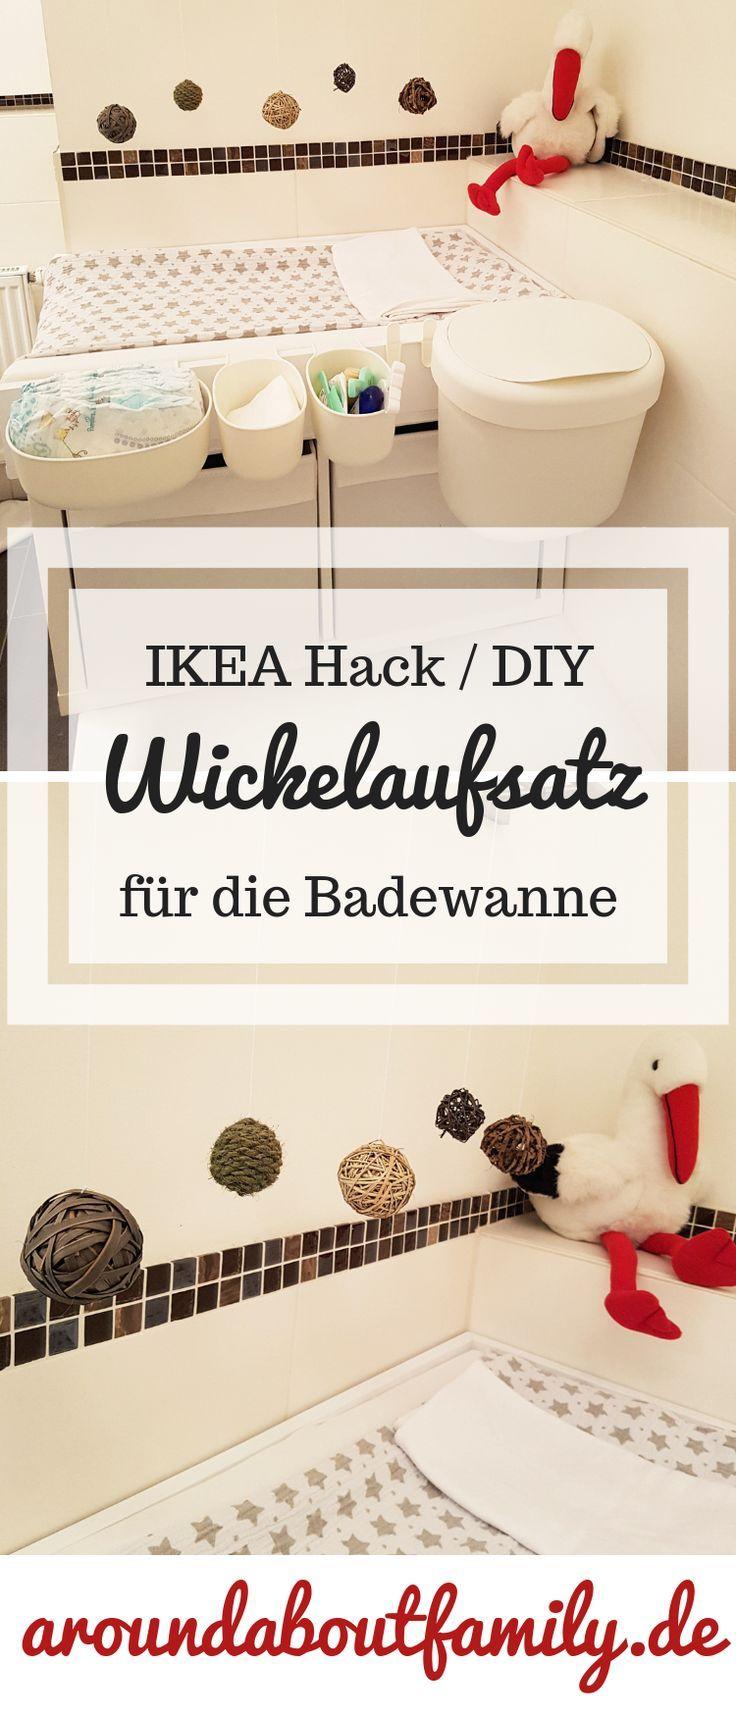 So Einfach Kann Man Einen Wickelaufsatz Fur Die Badewanne Selber Machen Ikea Hack Wickelaufsatz Ikea Selber Machen Ikea